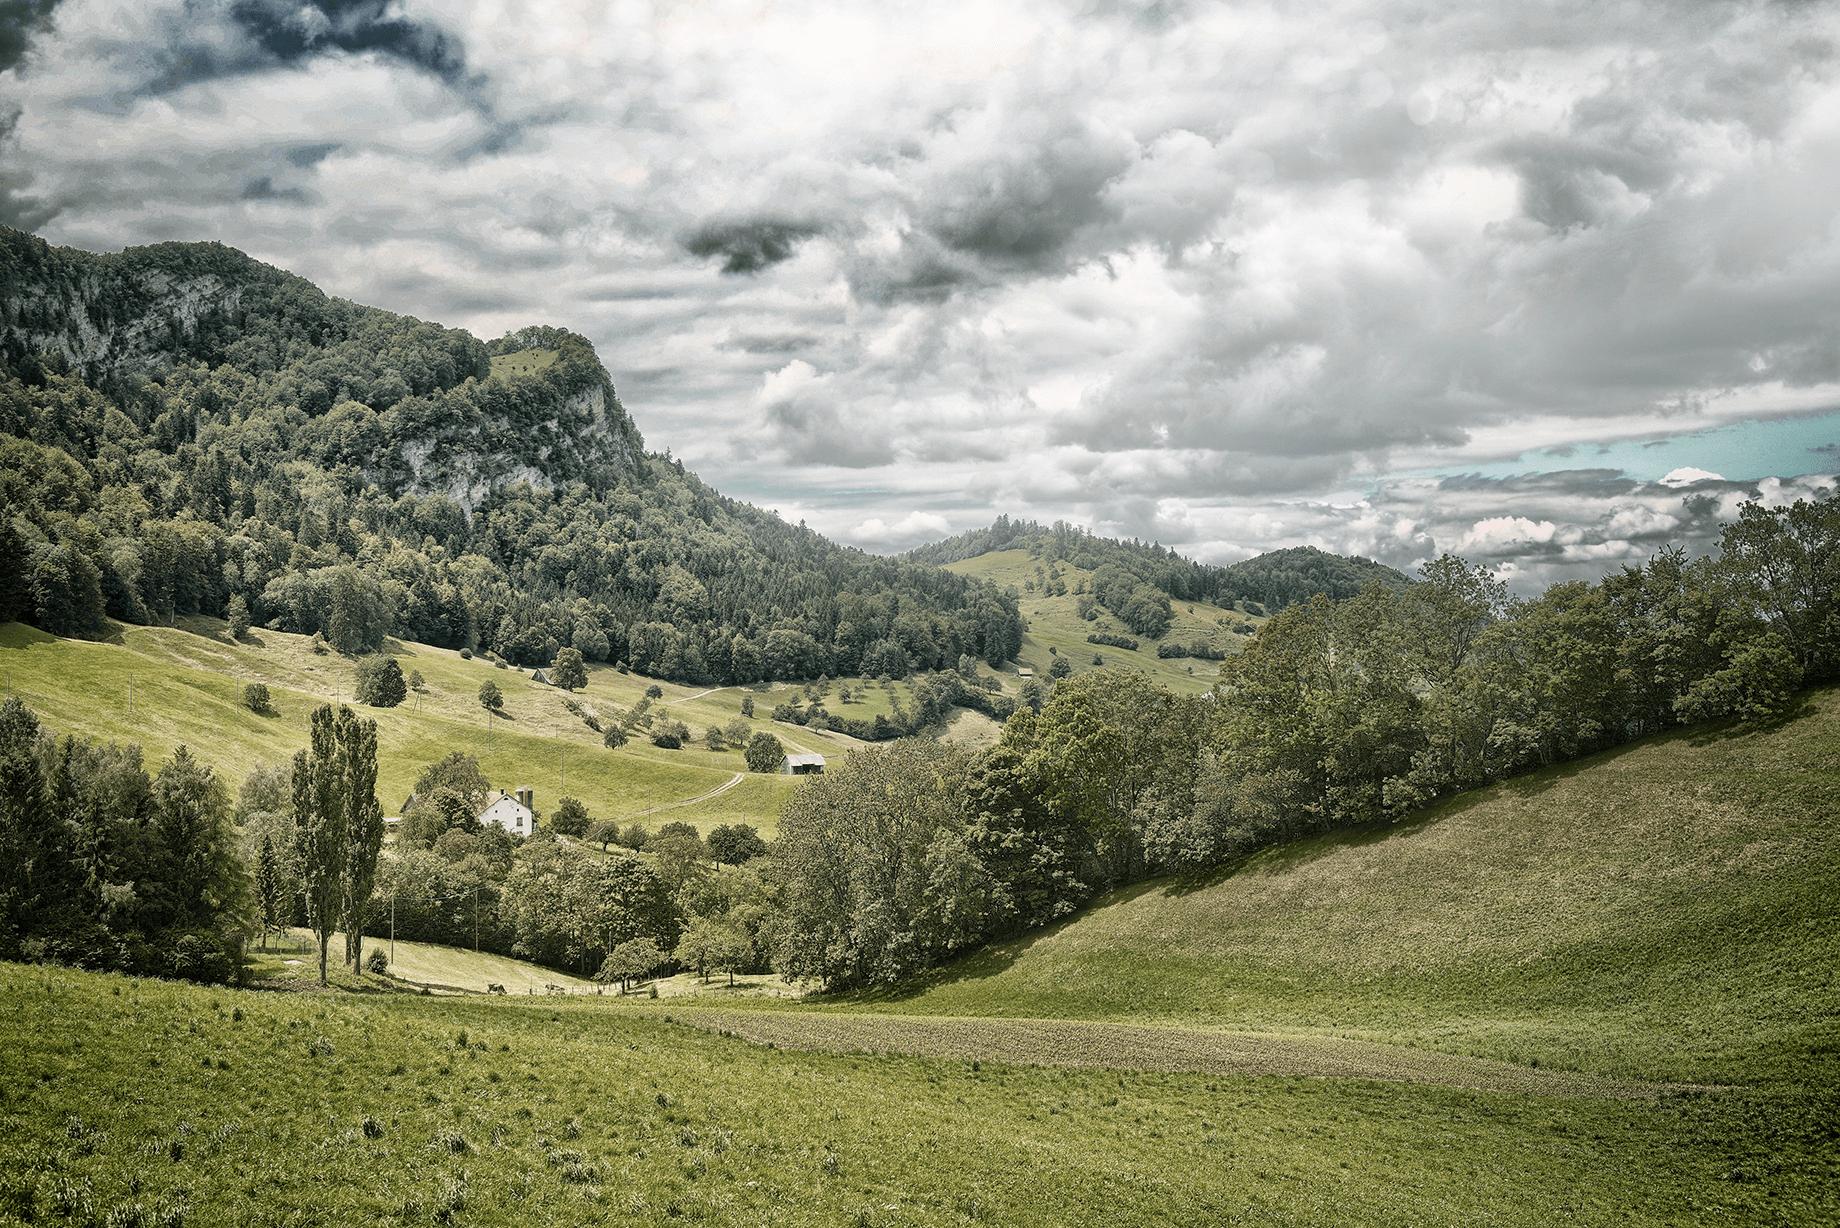 Naturpark Thal & Jurapark Aargau - Unsere Quelle liegt in rund 800m über Meer auf der sonnigen Birchhöchi.  Rund um unsere Quelle liegen Naturwiesen und Wälder. Fernab von jeglichen Umwelteinflüssen wird unser Wasser 2km ausserhalb des Dorfes Eptingen BL gefasst und über eine unterirdische Leitung in unseren Betrieb geleitet.Das Quellgebiet liegt wunderschön eingebettet zwischen dem Naturpark Thal und dem Jurapark Aargau. Die ganze Region um unsere Quelle bietet eindrucksvolle und interessante Wanderungen.